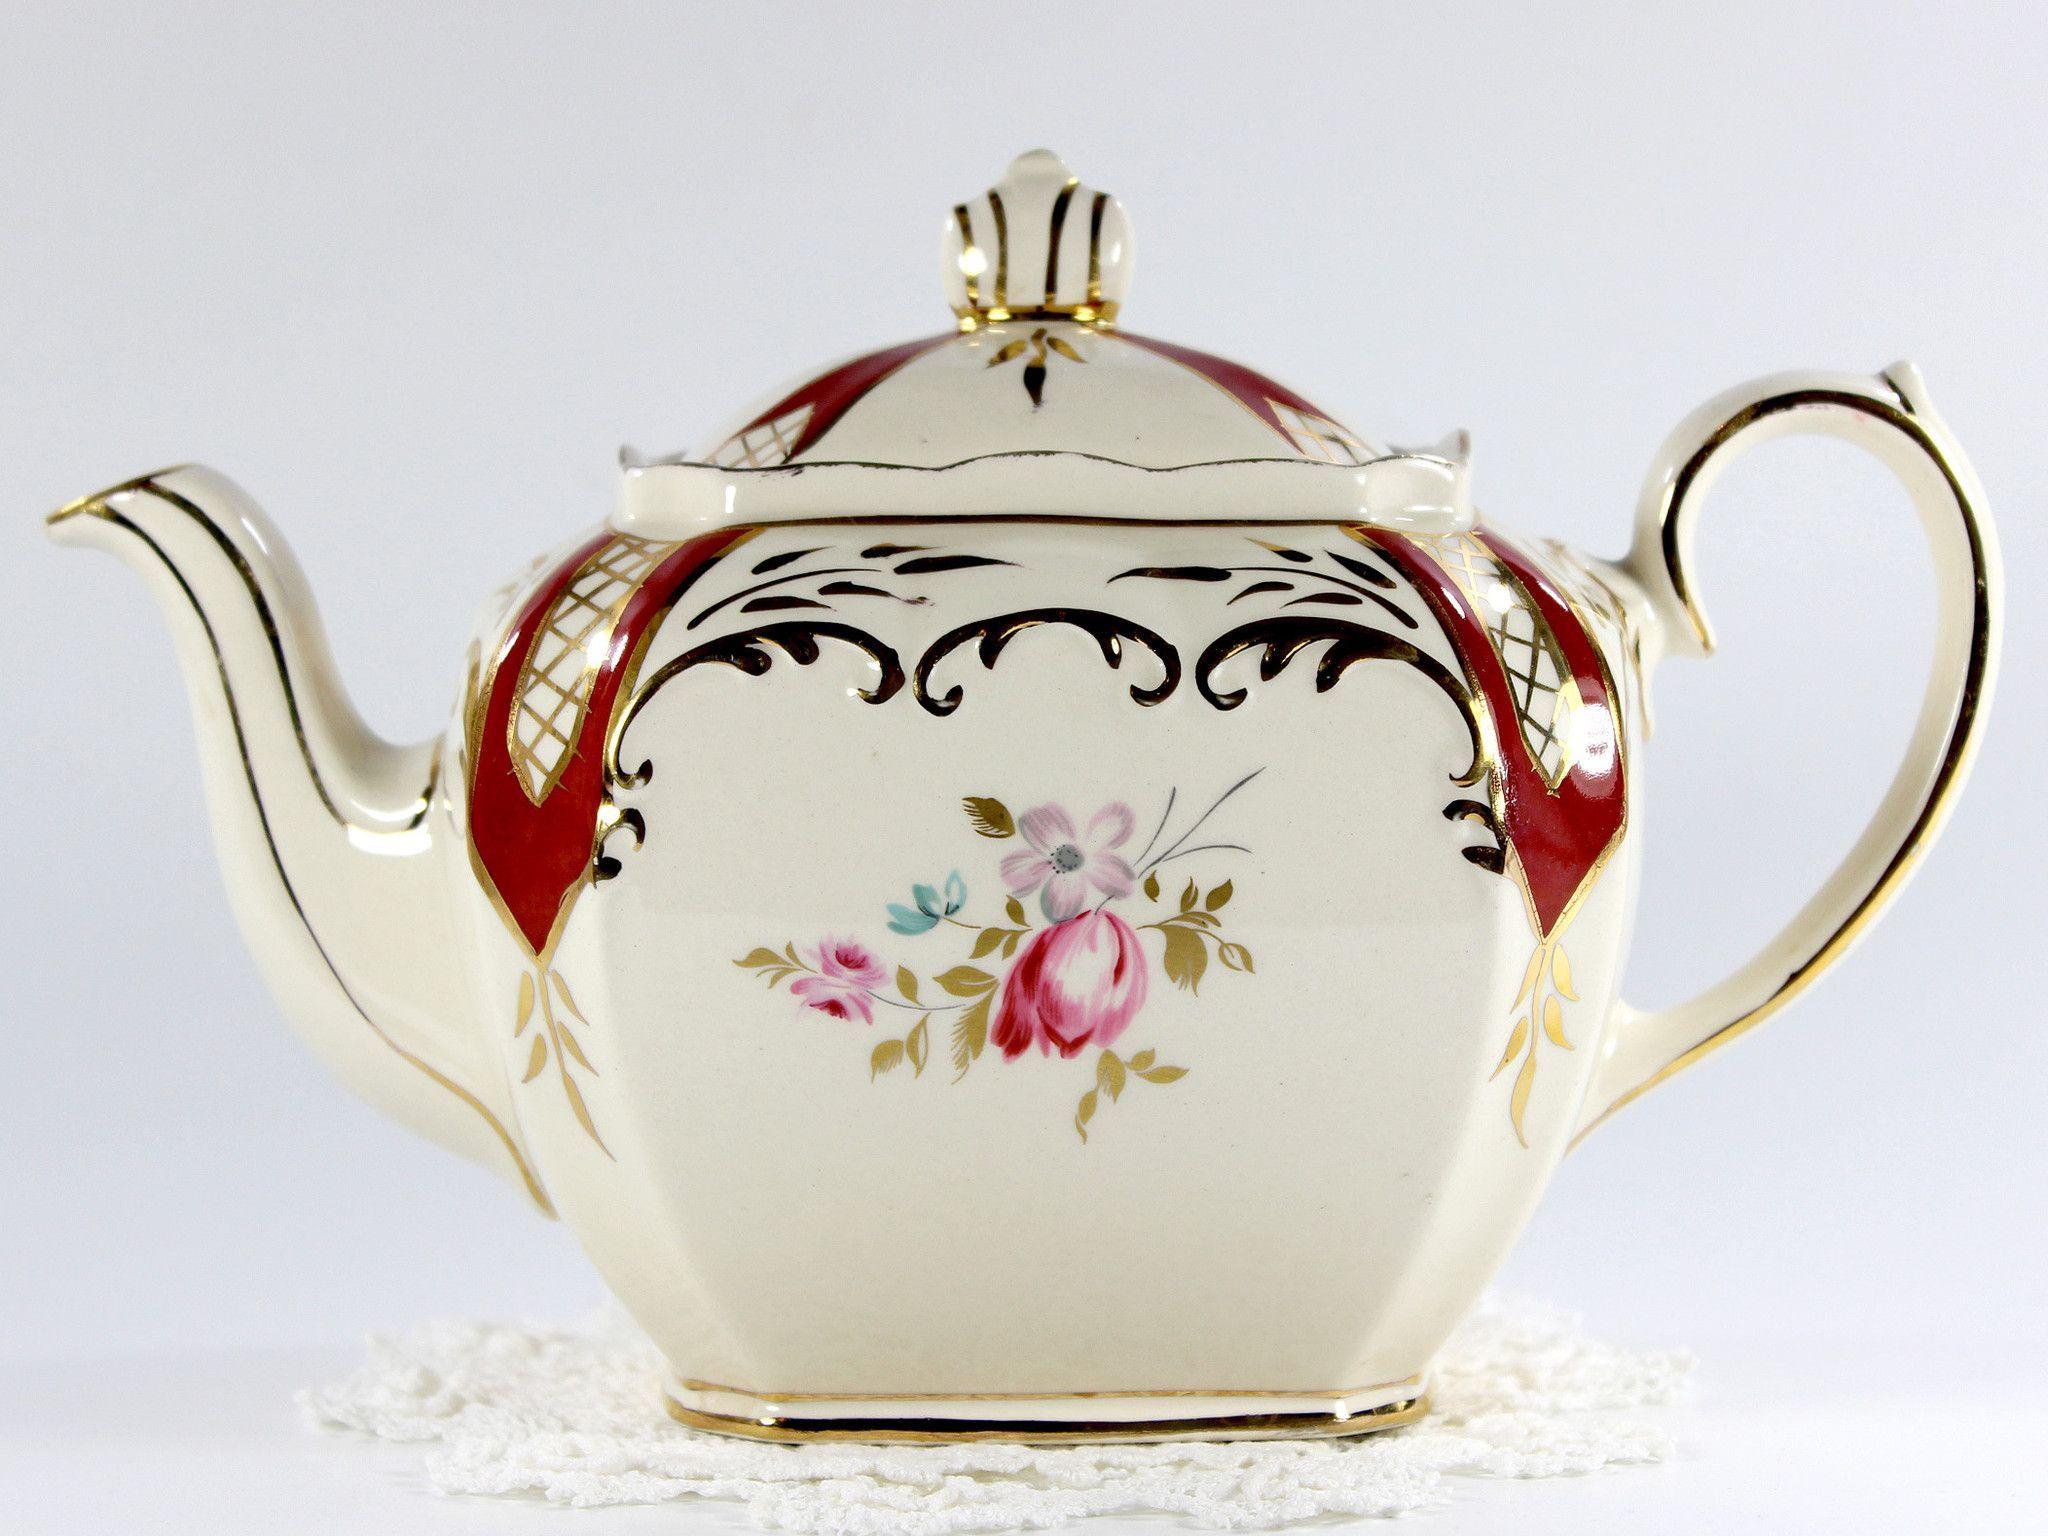 Sadler Cube Teapot Tea Pot - Pink Roses England 12691